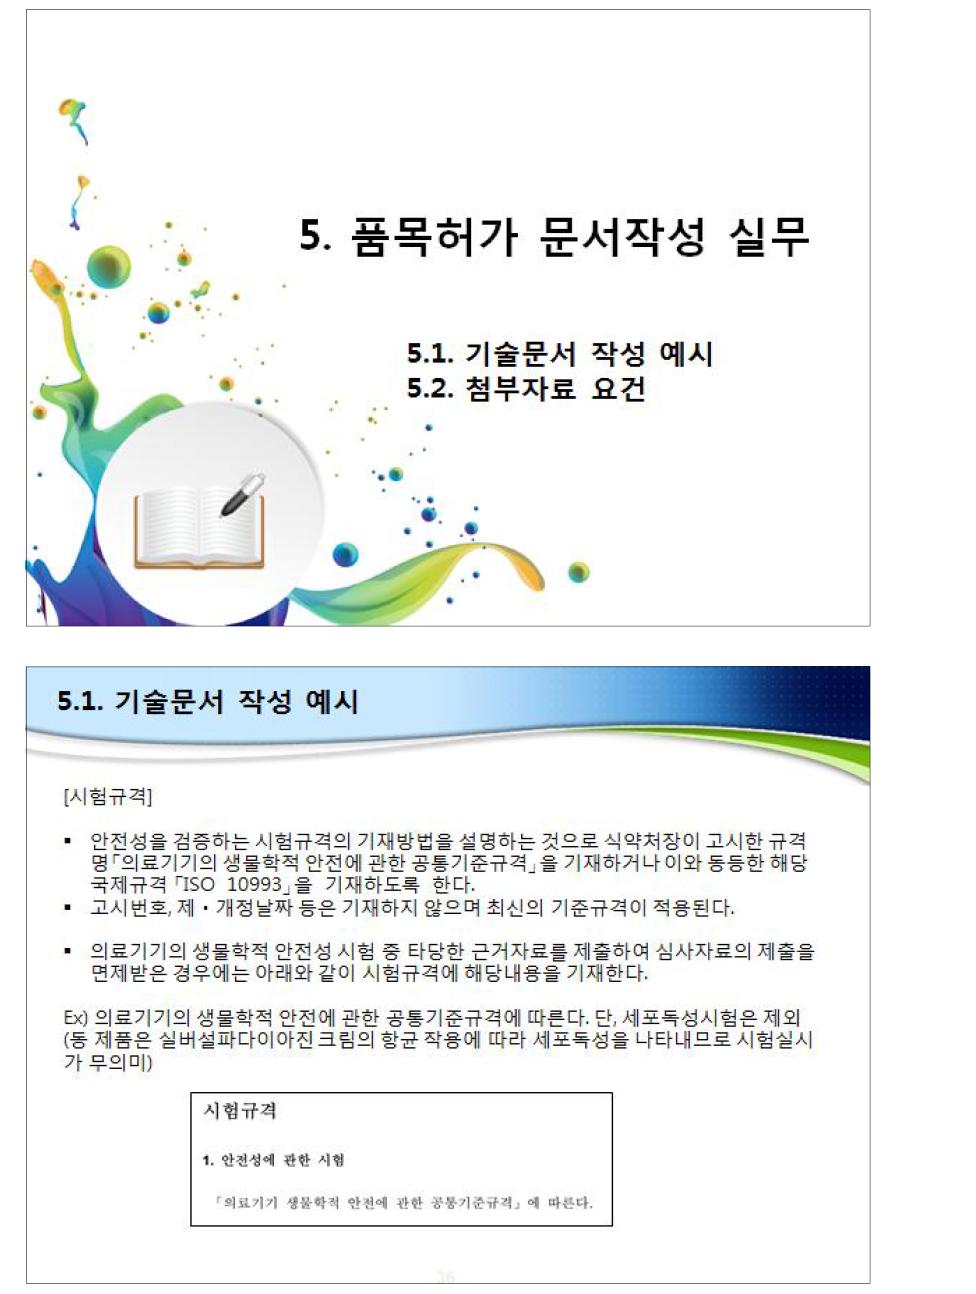 의료기기 공통기준규격의 이해와 적용법: 품목허가 문서작성 실무